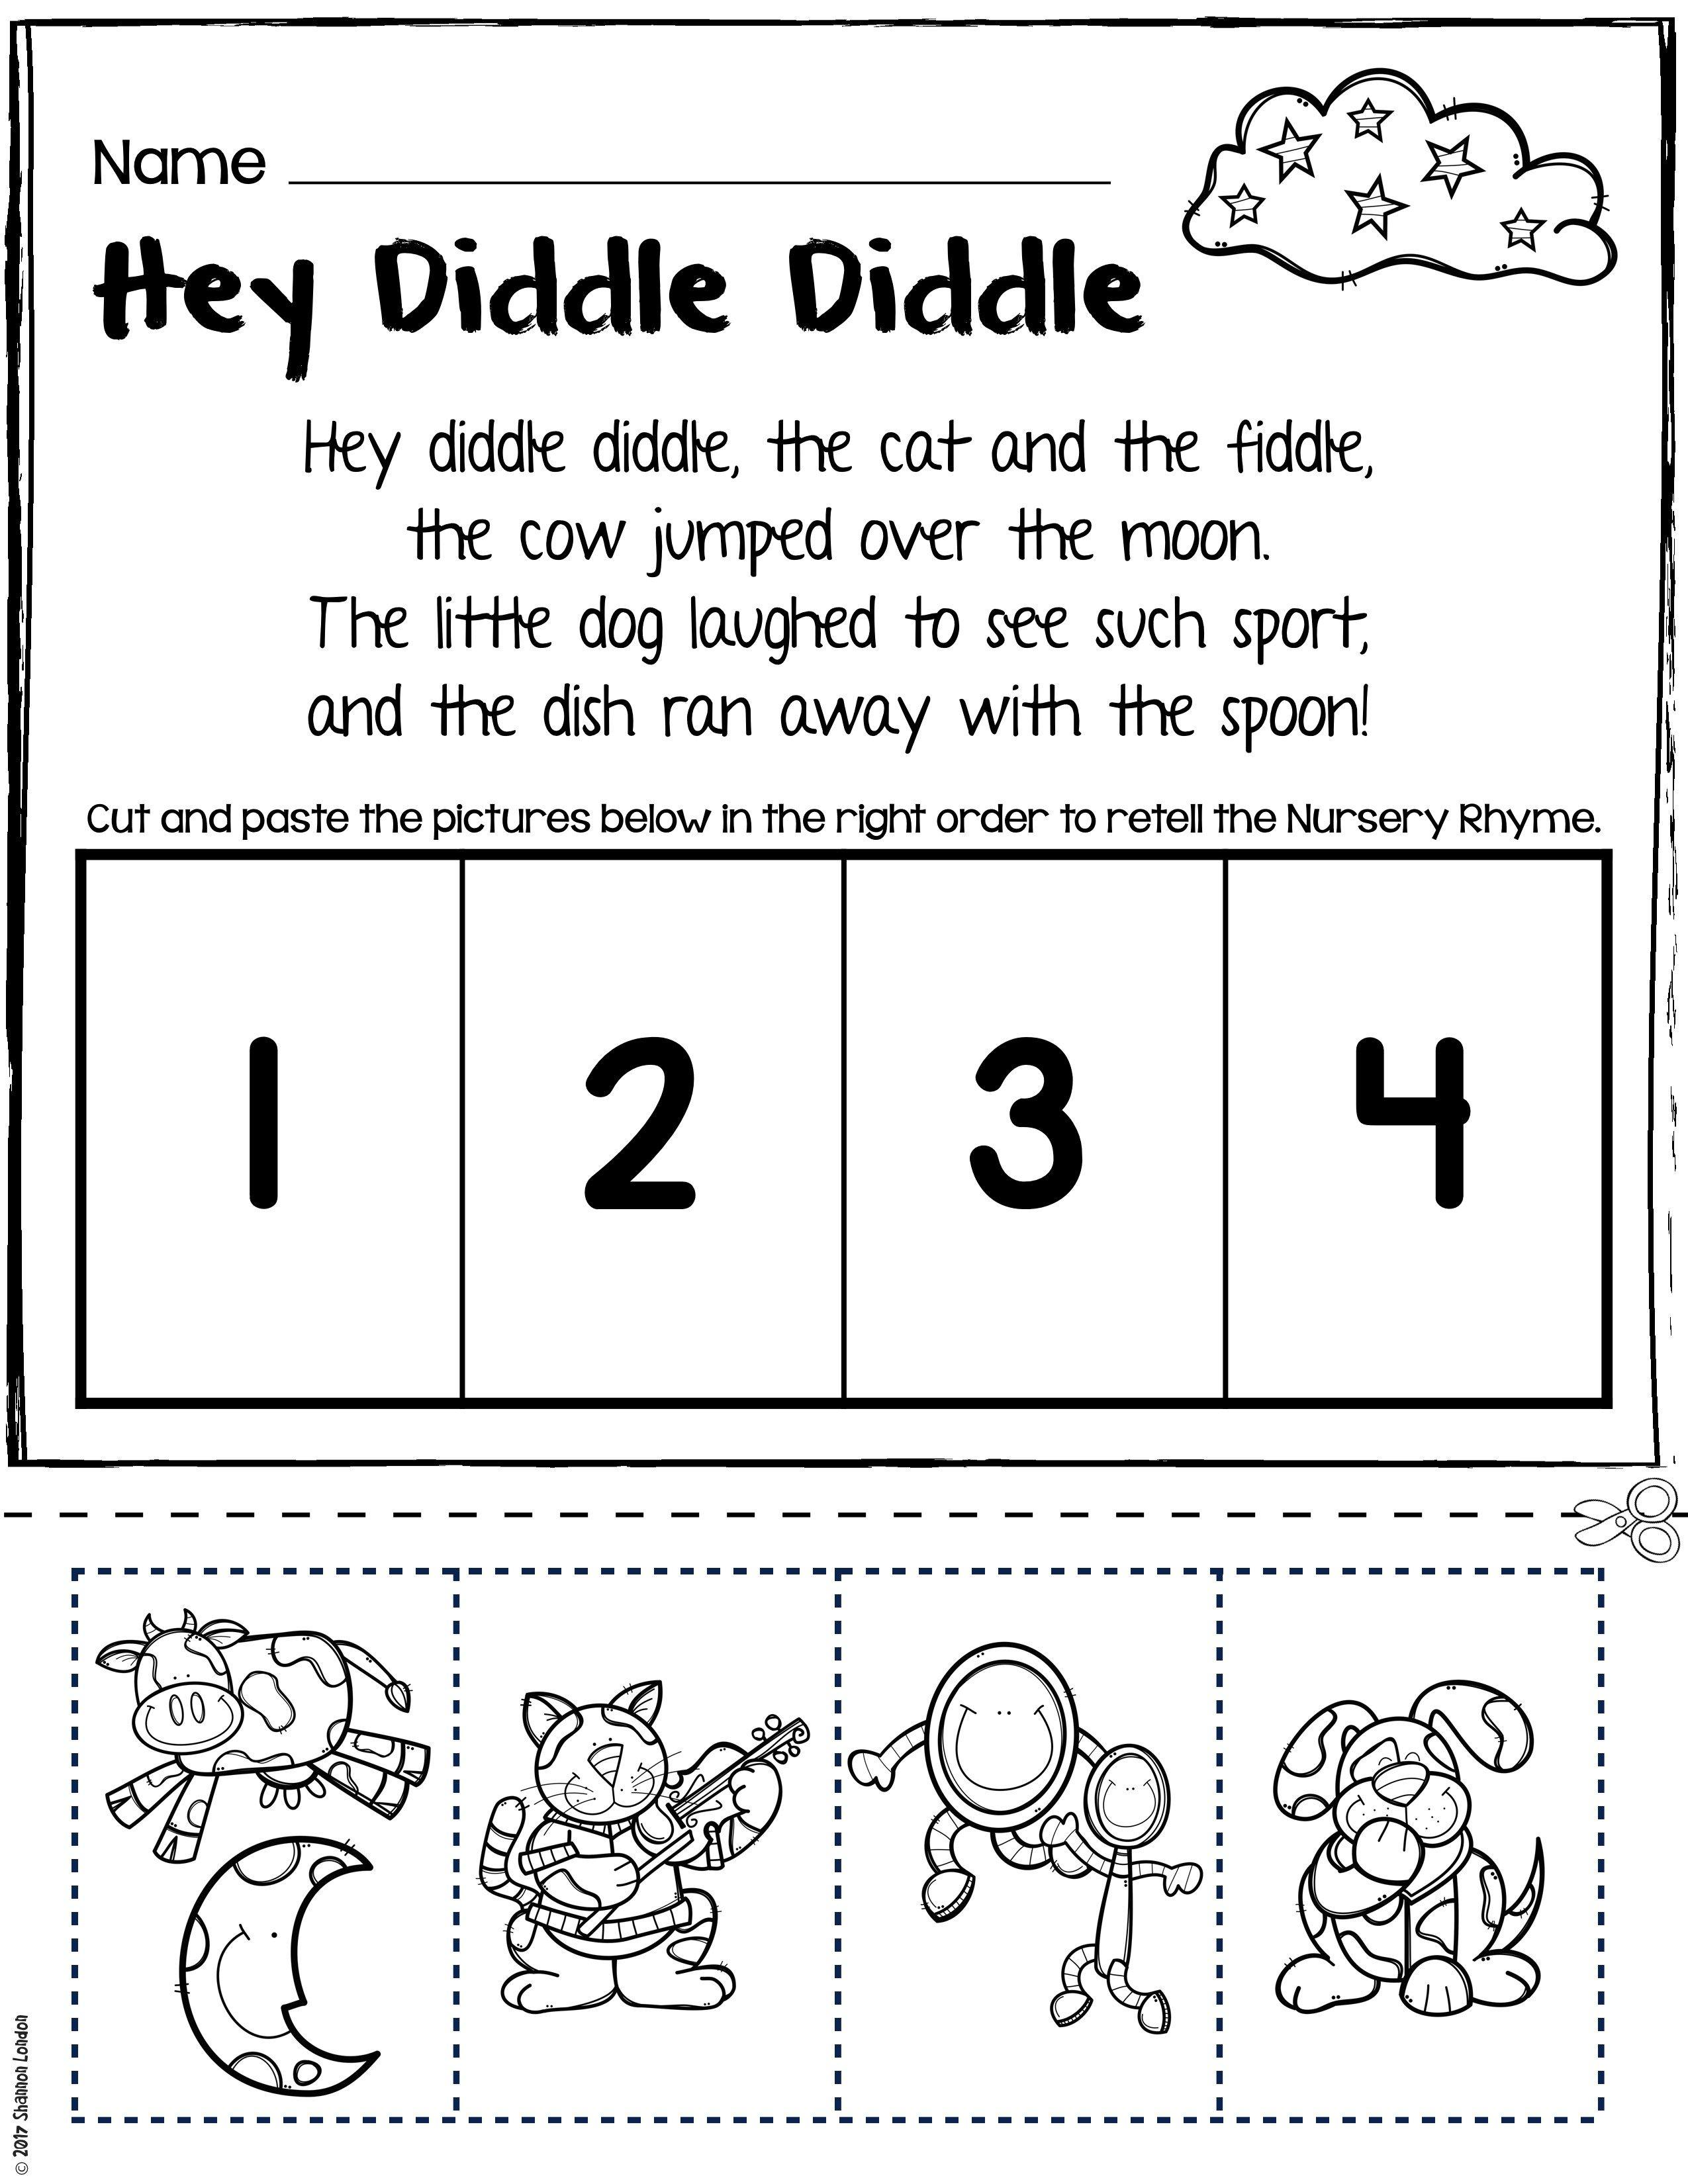 Teach Story Retelling With Nursery Rhymes Rhyming Worksheet Nursery Rhymes Preschool Activities Rhyming Words Worksheets [ 3300 x 2550 Pixel ]